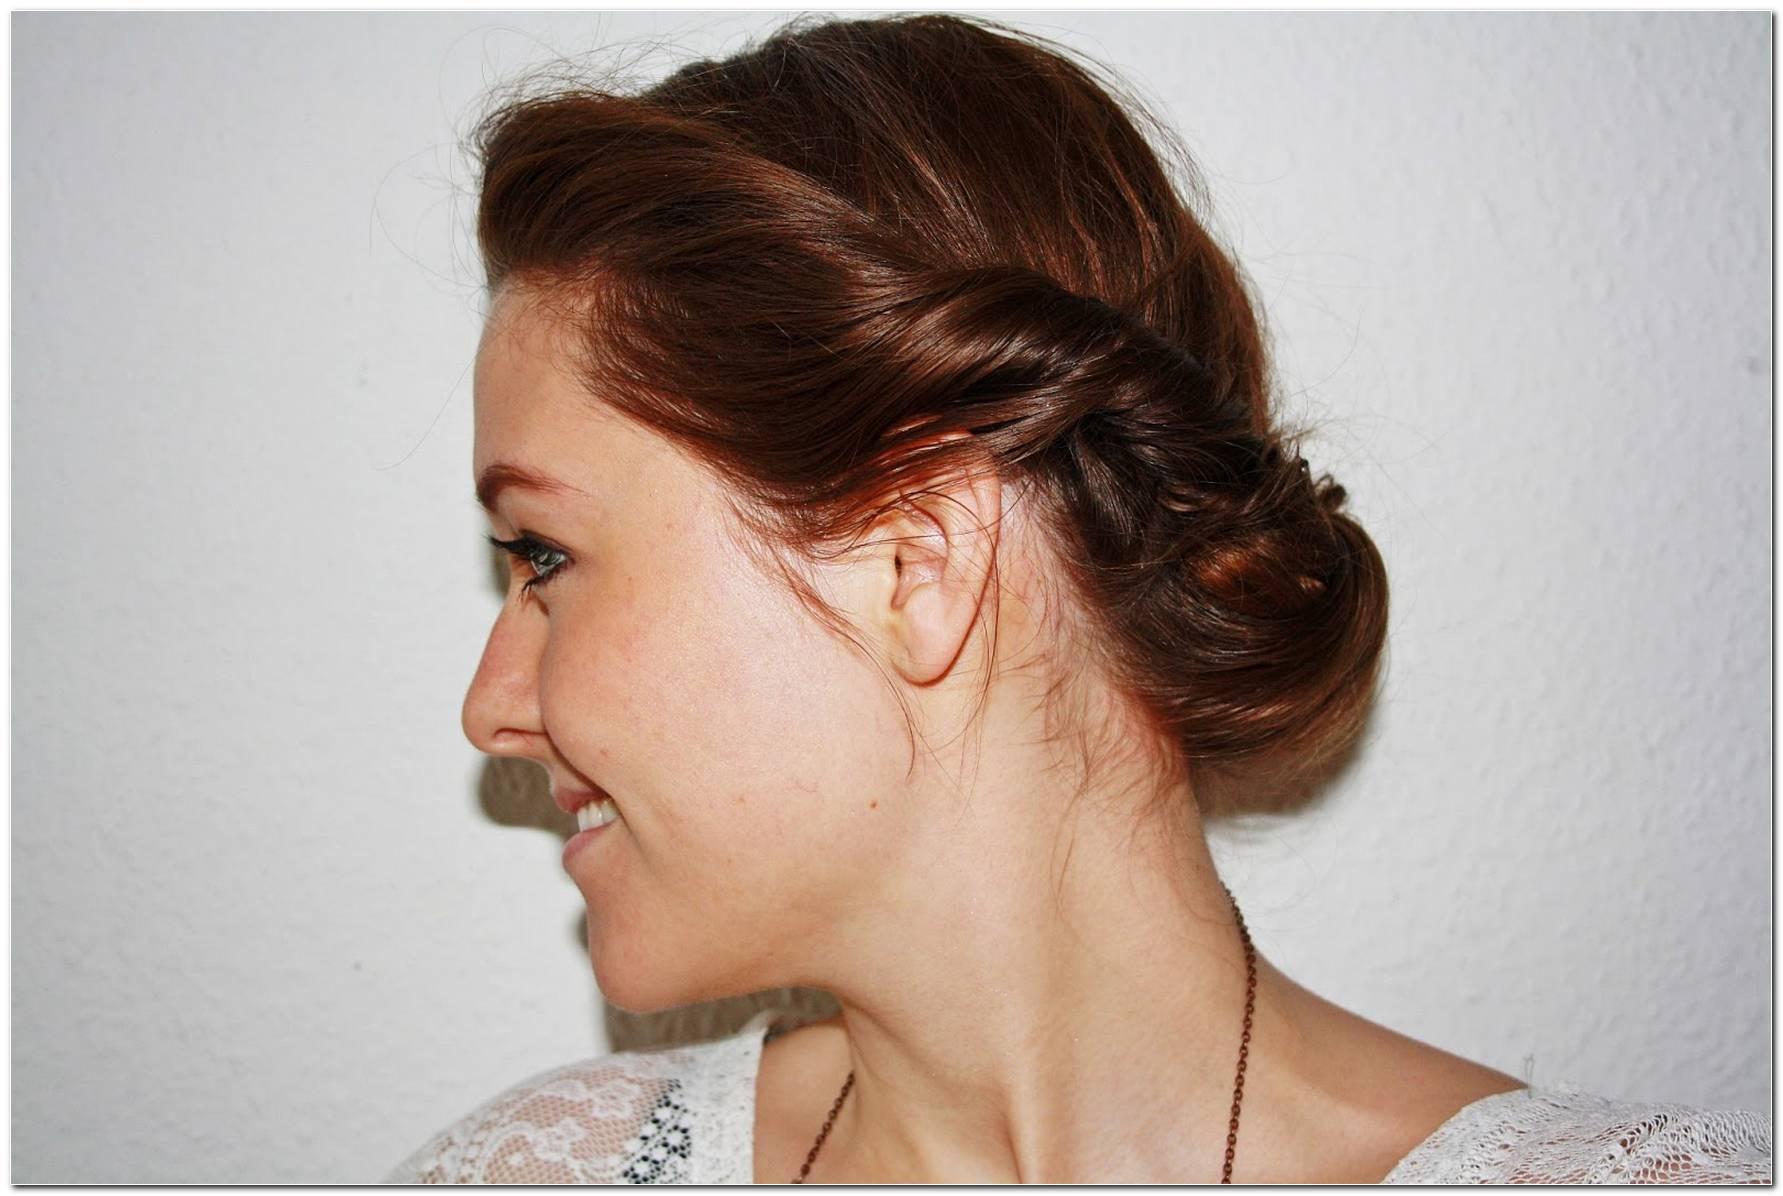 Frisur Mit Eingedrehten Haaren